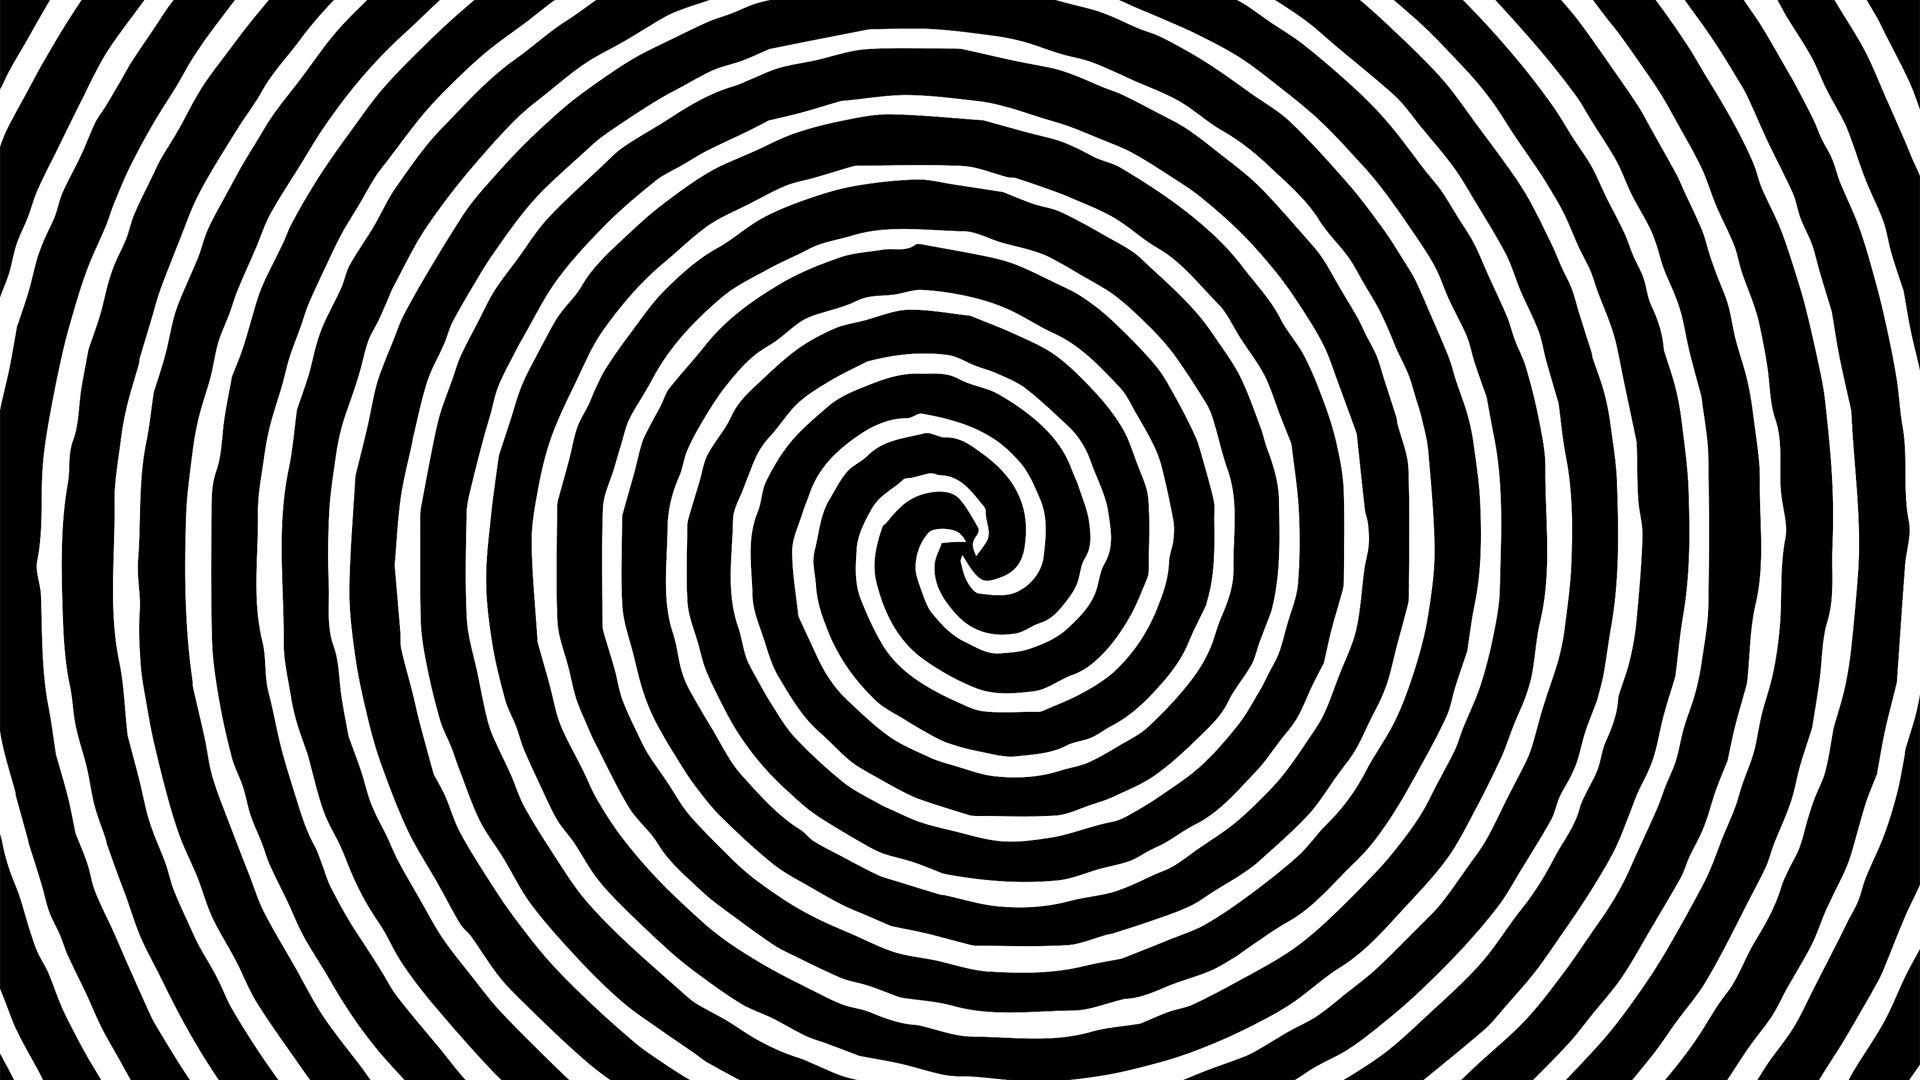 обман зрения для глаз картинки некоторым